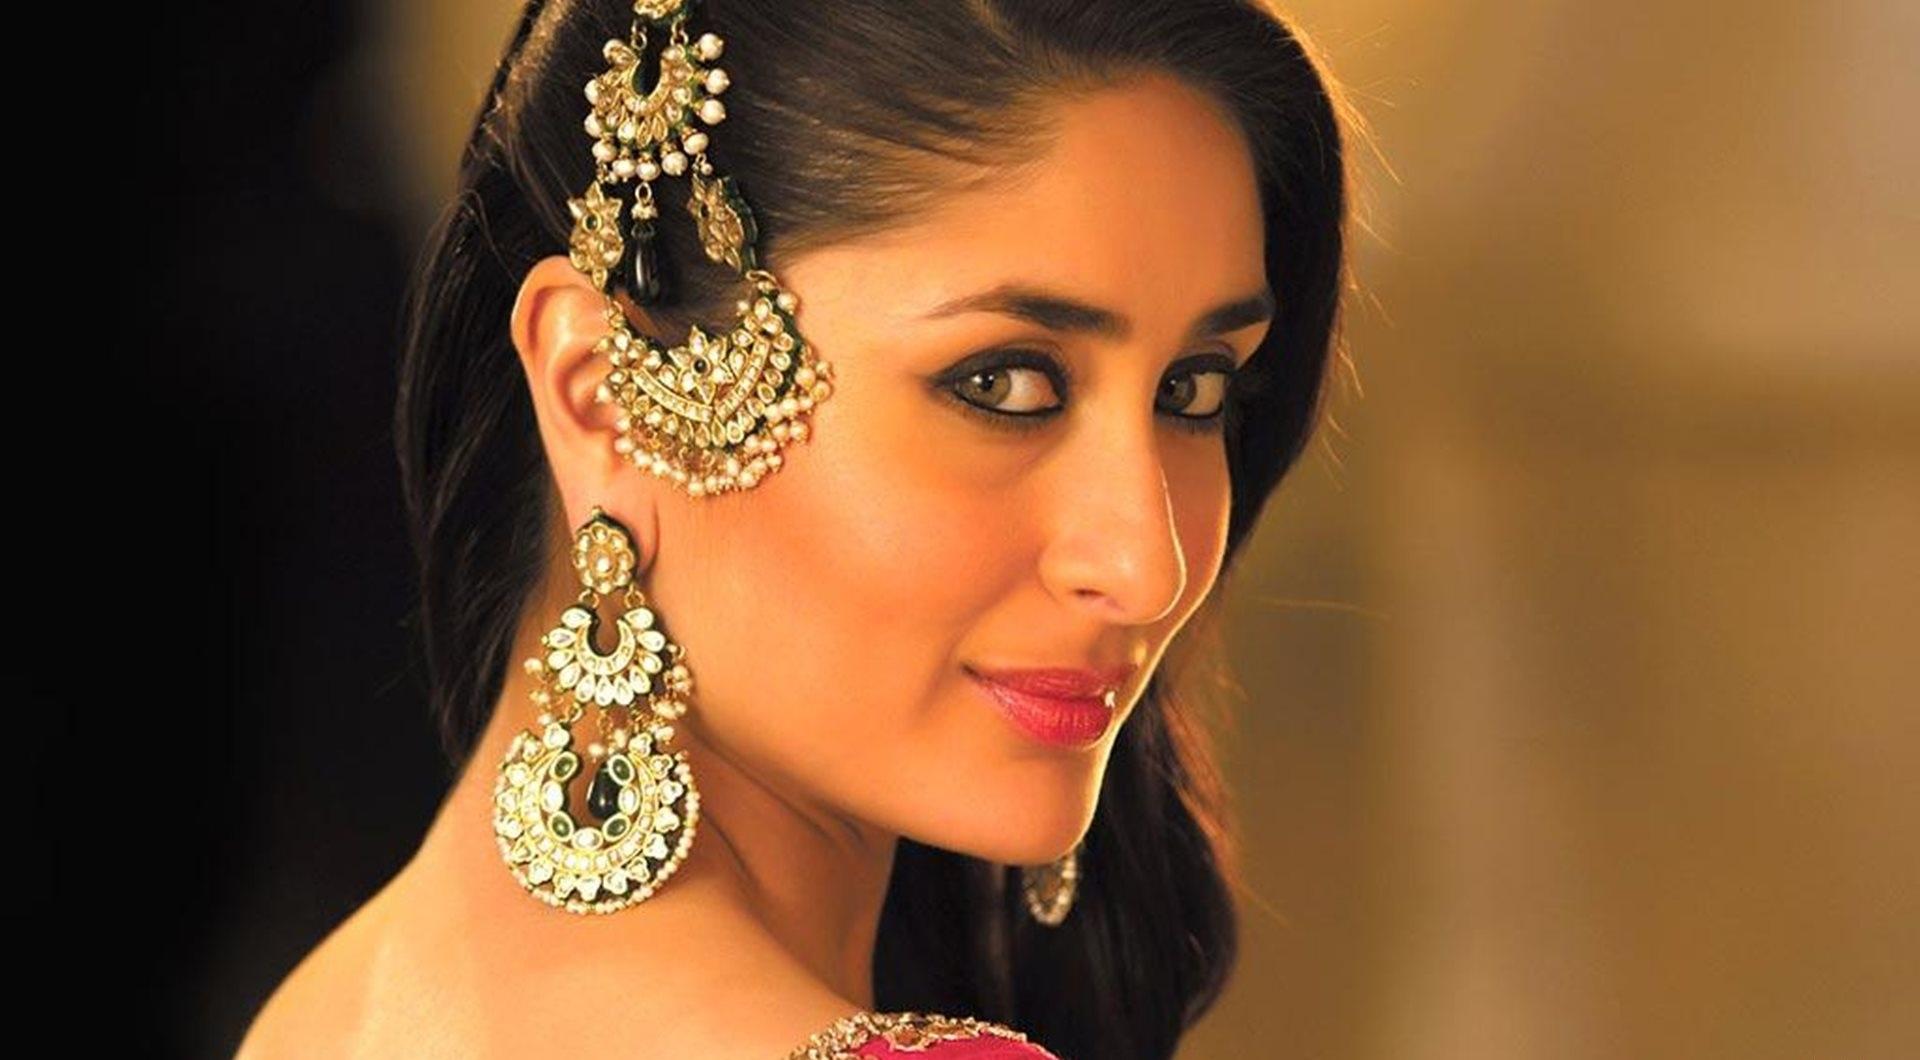 55 Kareena Kapoor Hot In Bikini Wallpapers Photos More